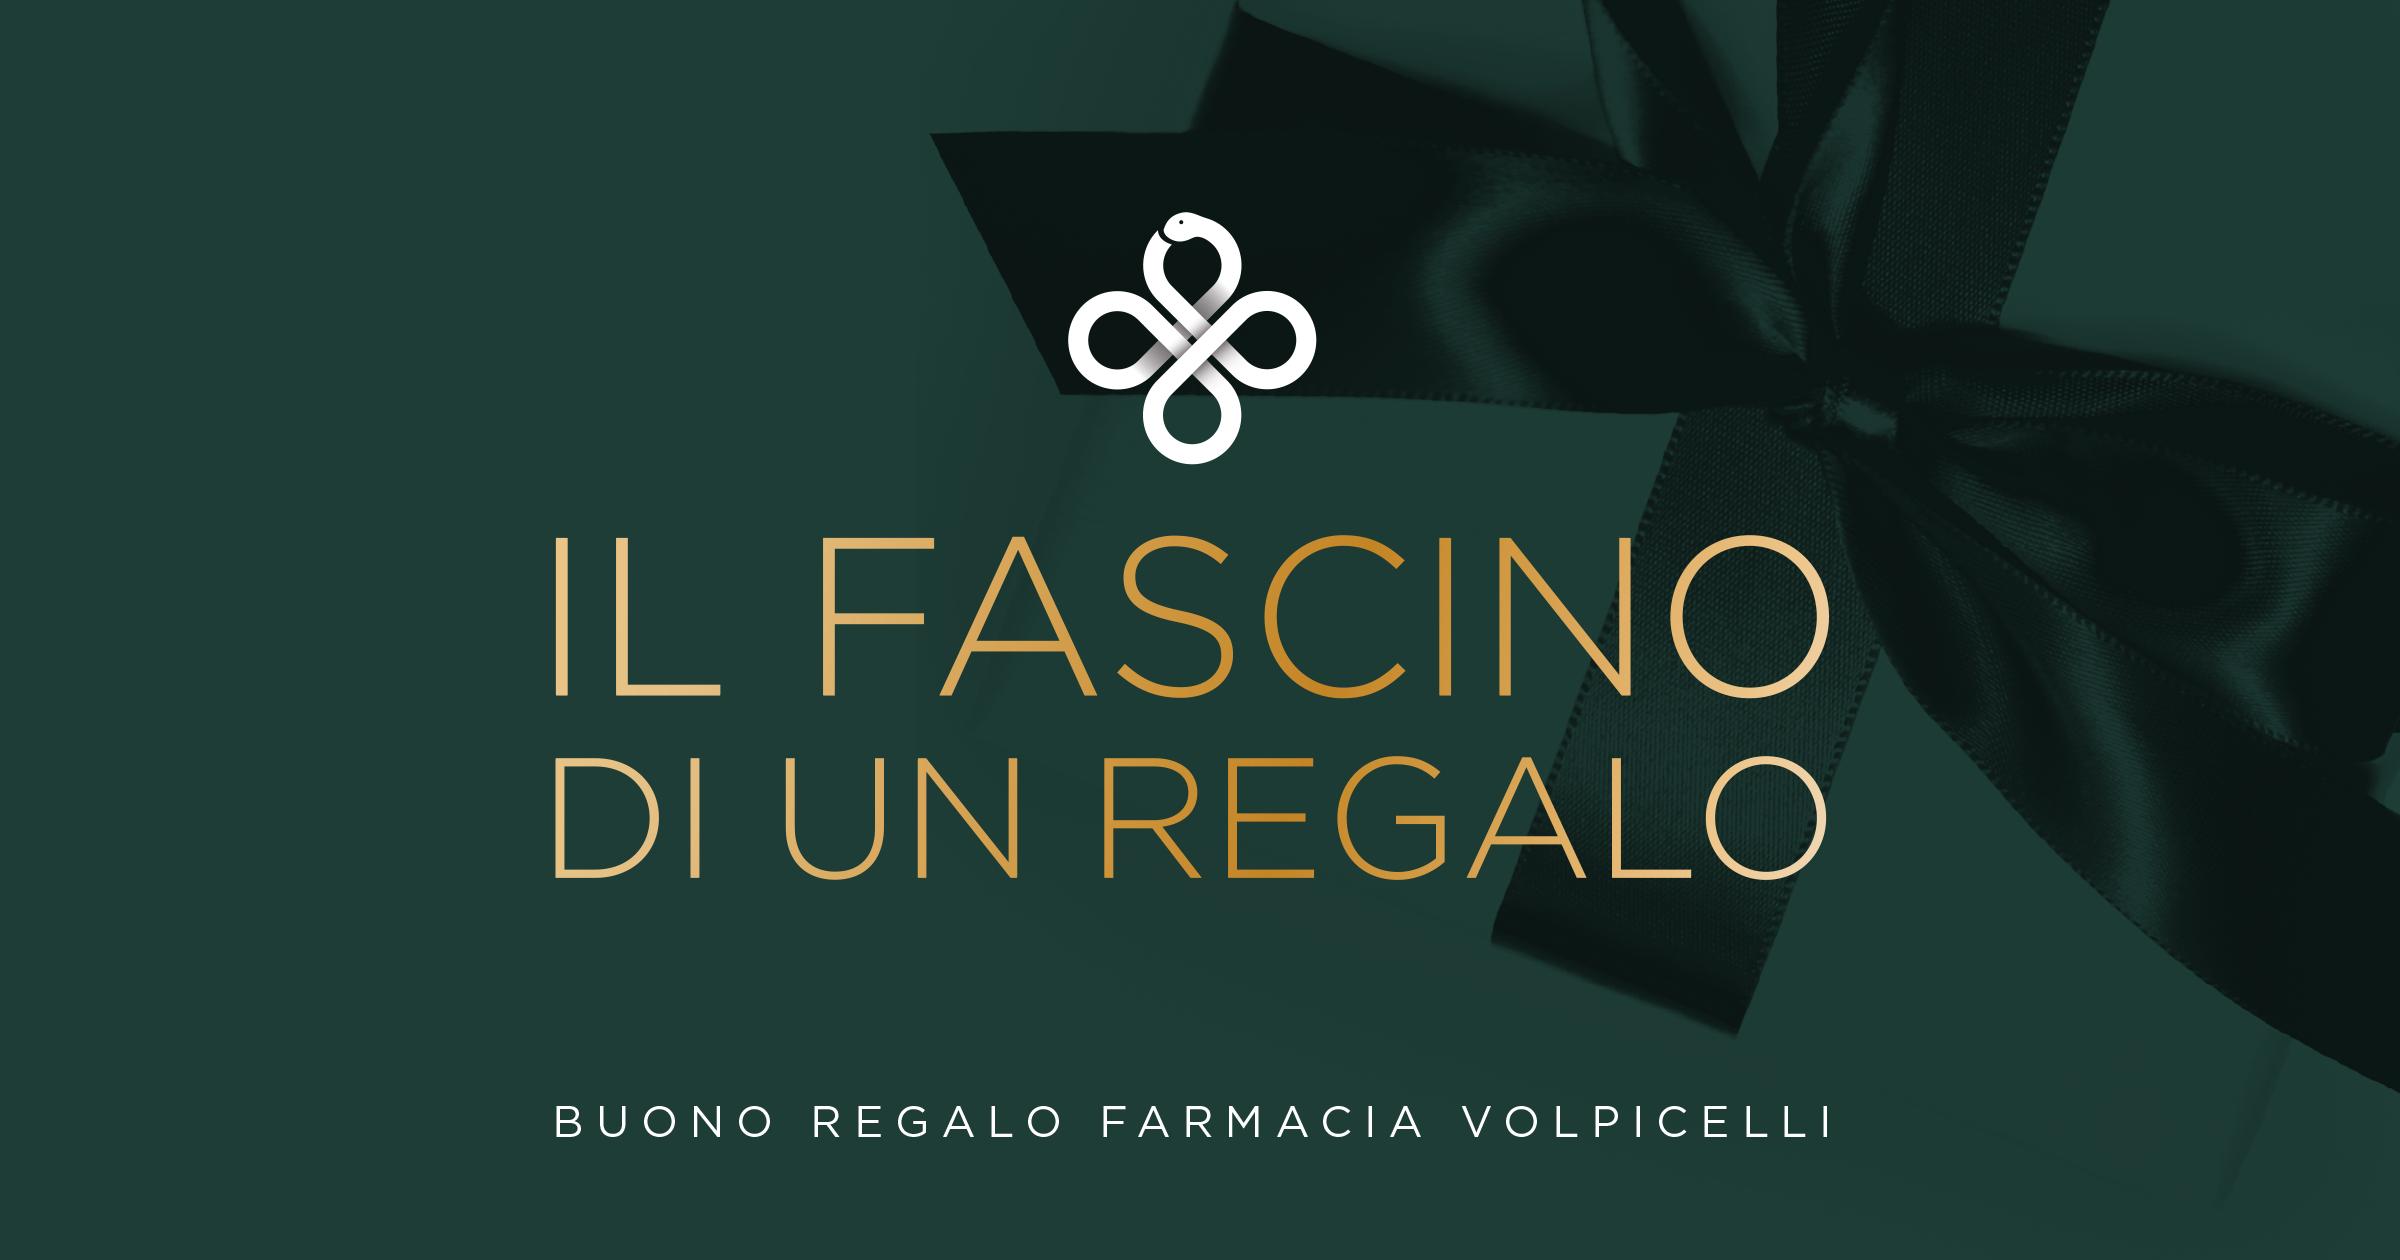 FARMACIAVOLPICELLI_buonoregalo_1